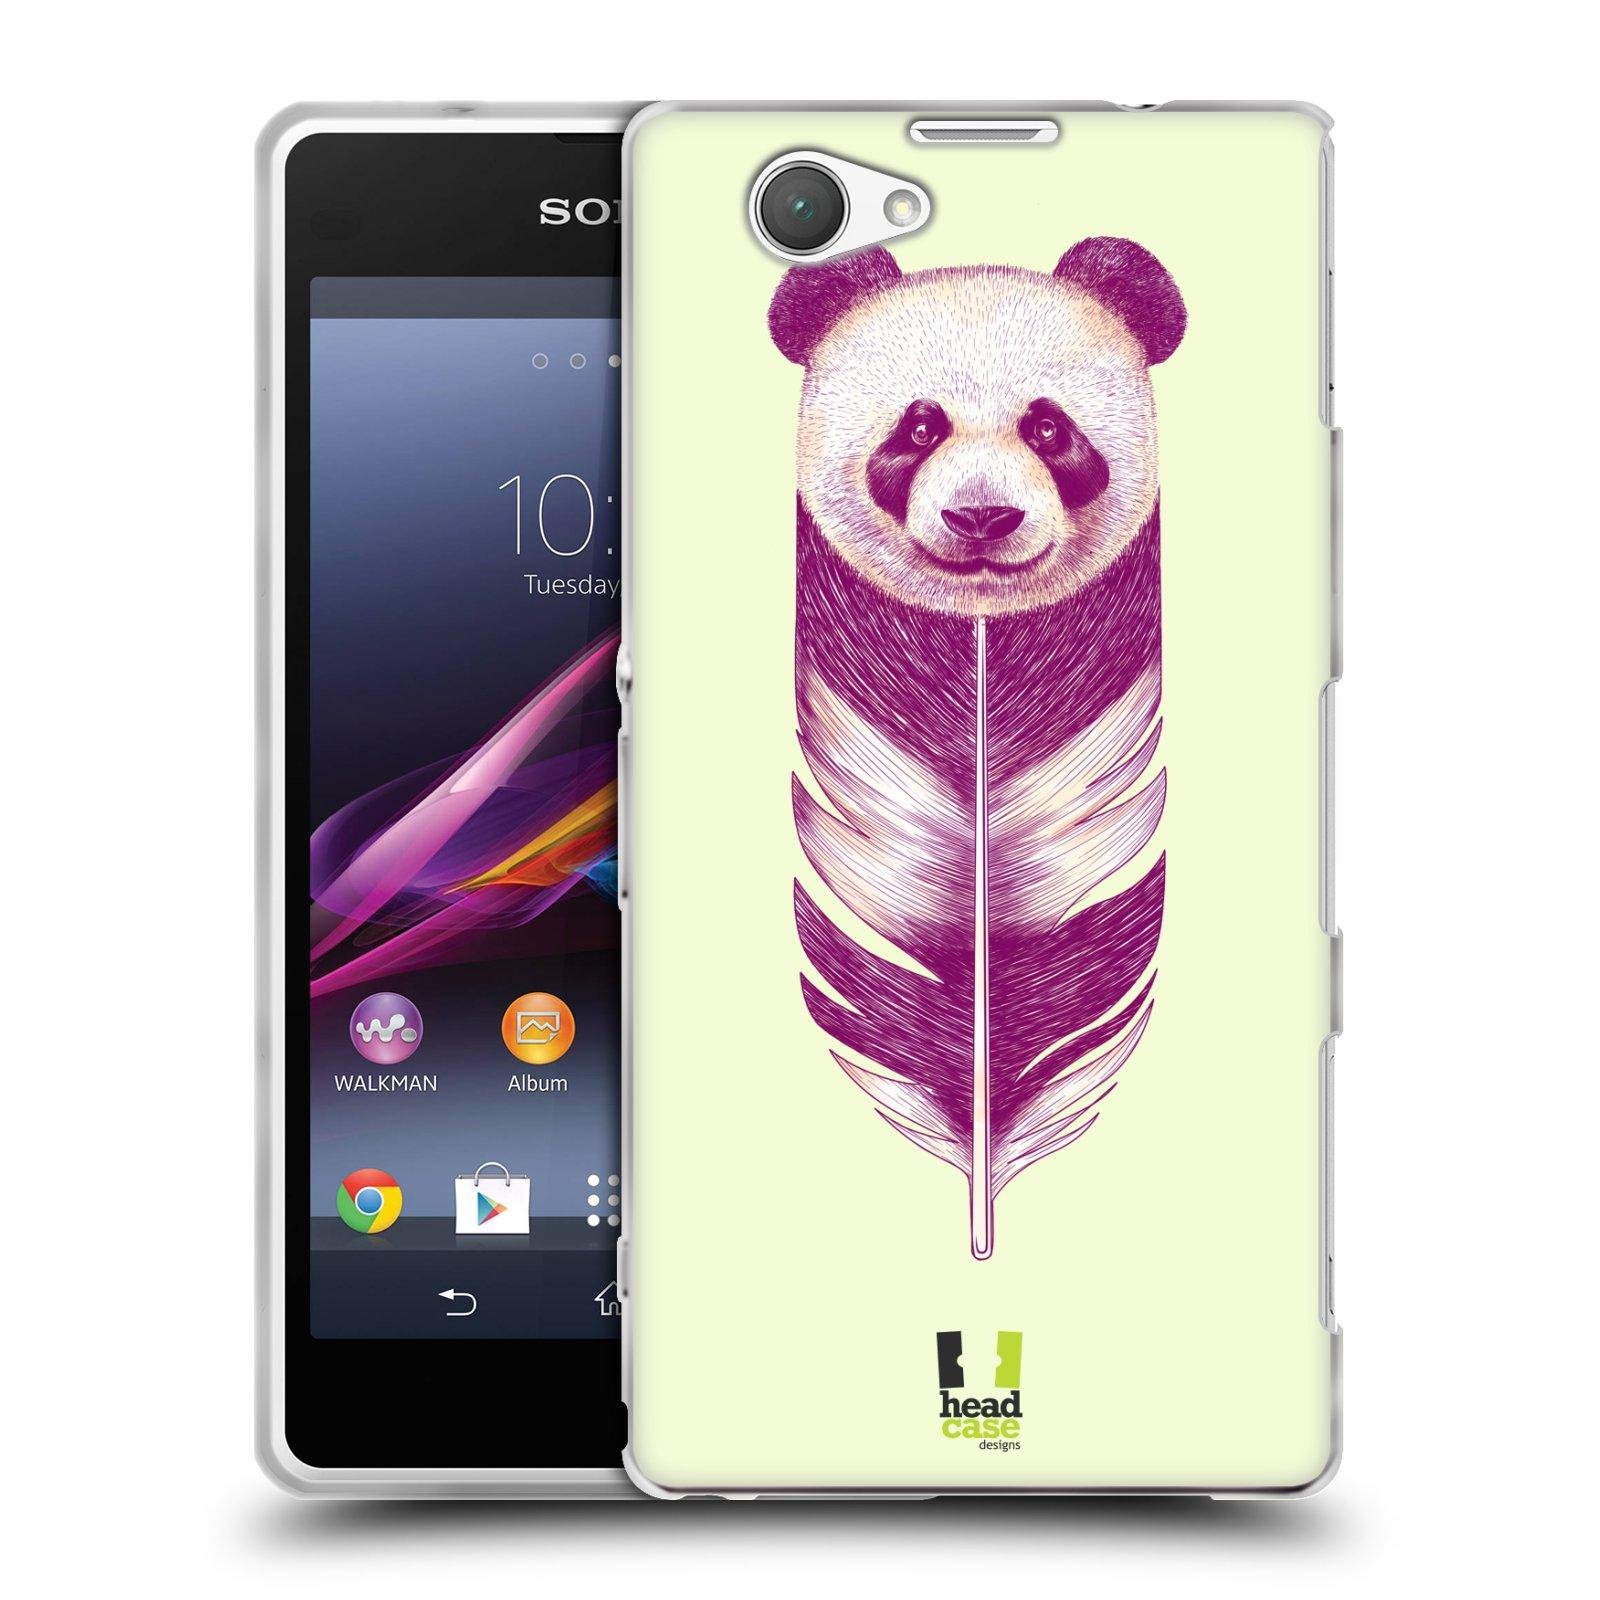 Silikonové pouzdro na mobil Sony Xperia Z1 Compact D5503 HEAD CASE PÍRKO PANDA (Silikonový kryt či obal na mobilní telefon Sony Xperia Z1 Compact)